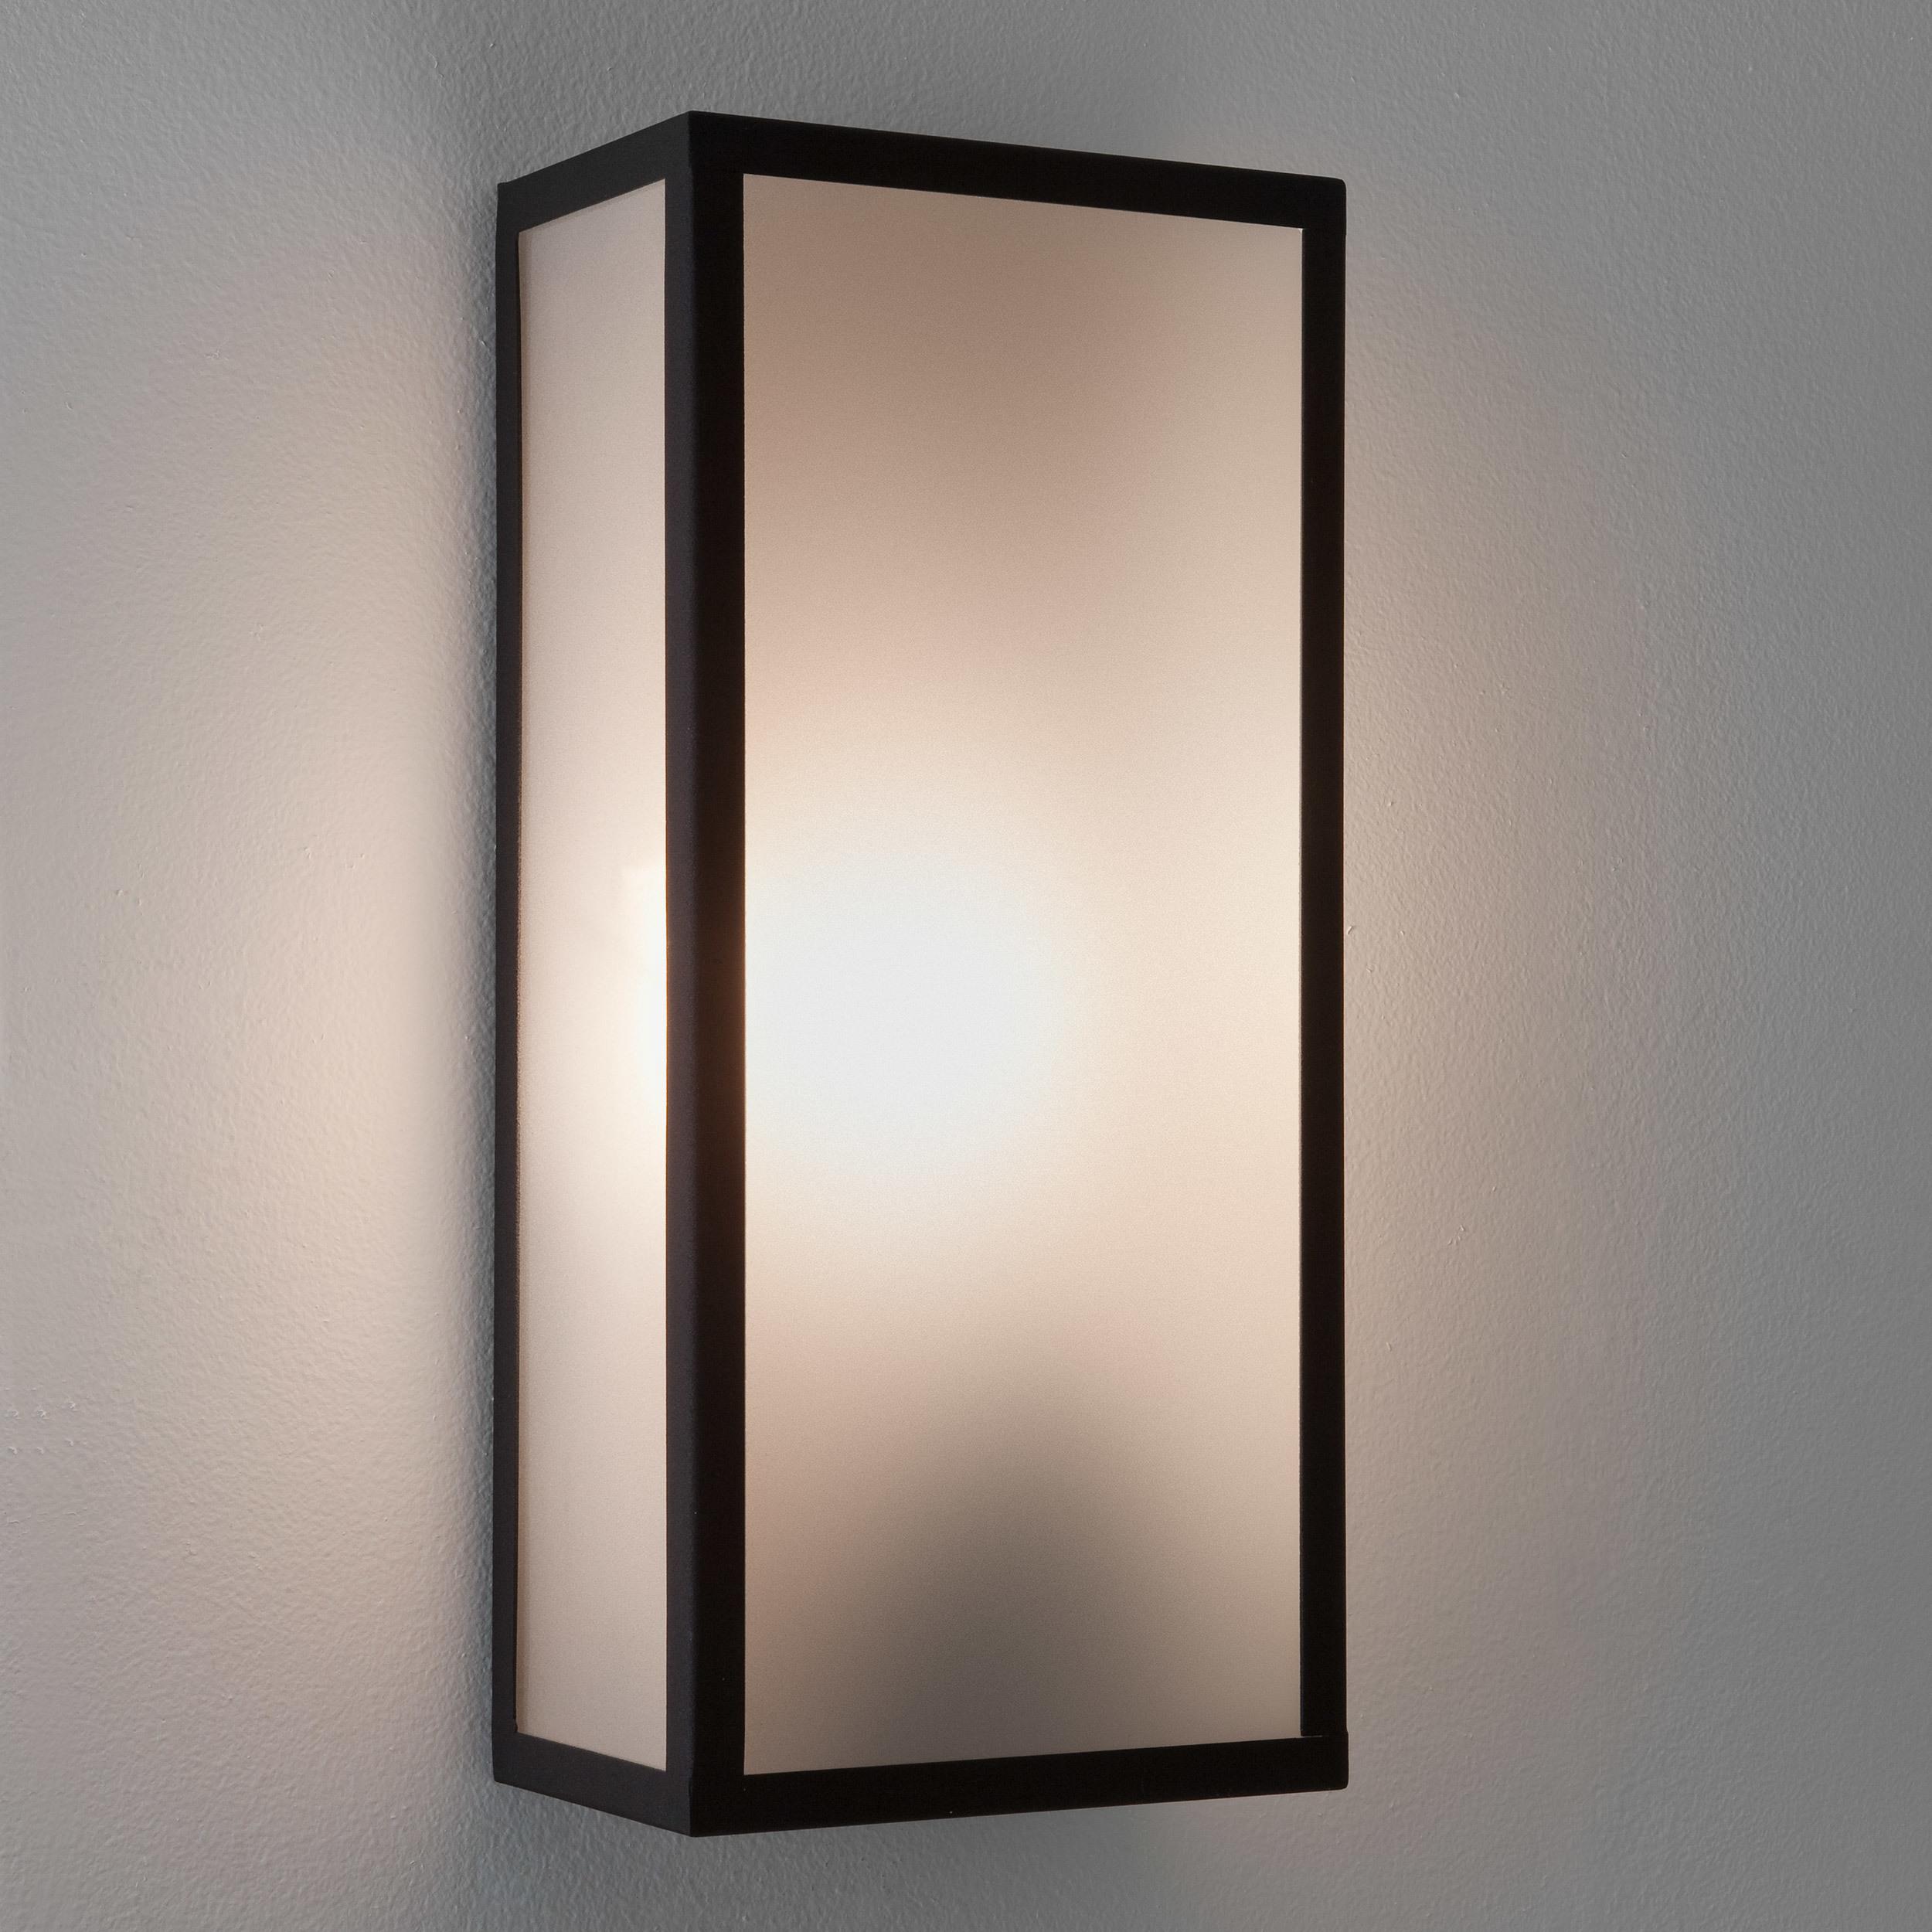 Настенный светильник Astro Messina 1183004 (7355), IP44, 1xE27x60W, черный, стекло - фото 1